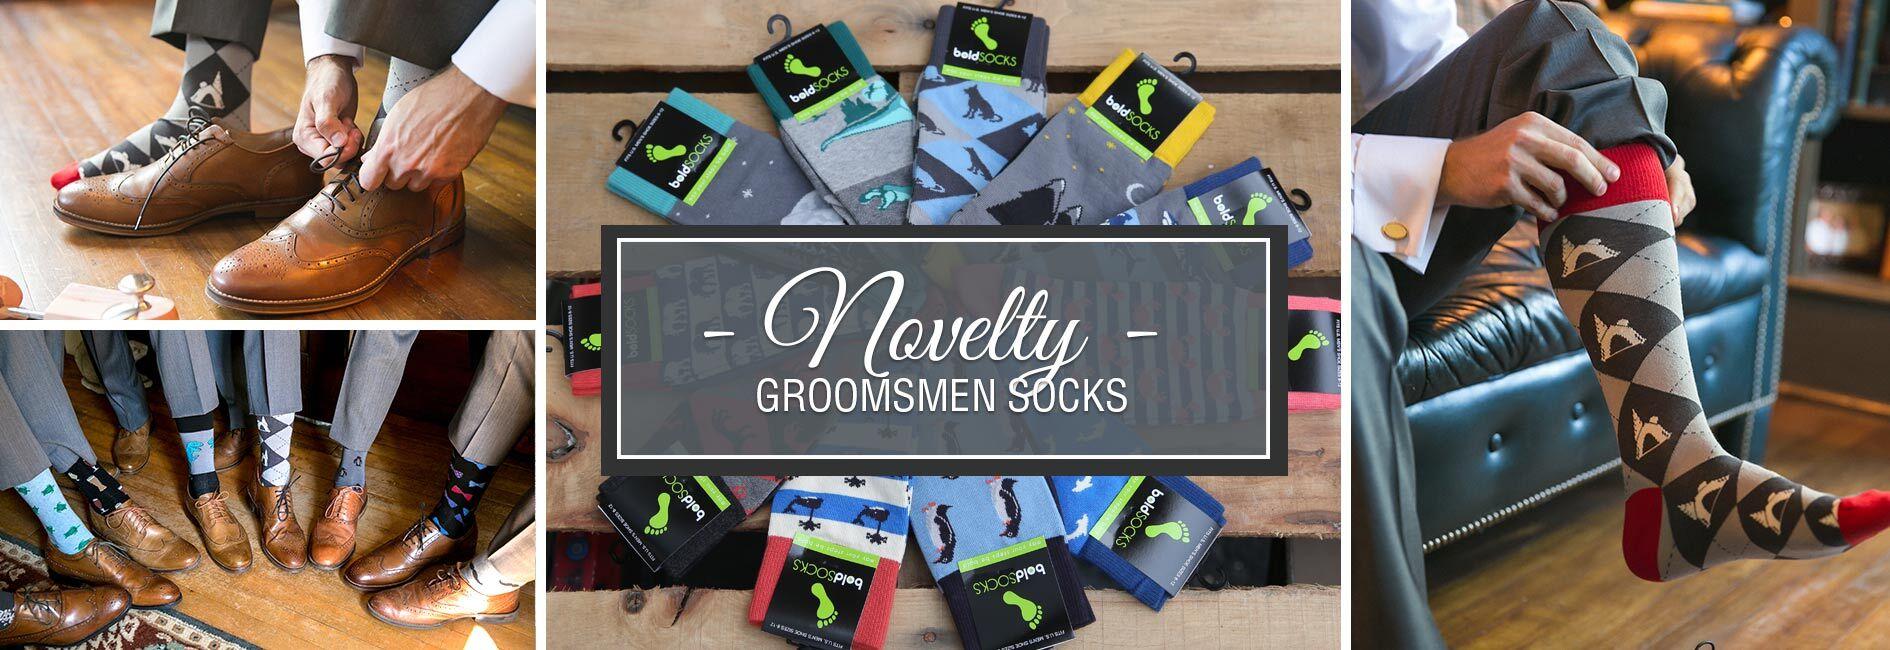 Novelty Groomsmen Wedding Socks Banner